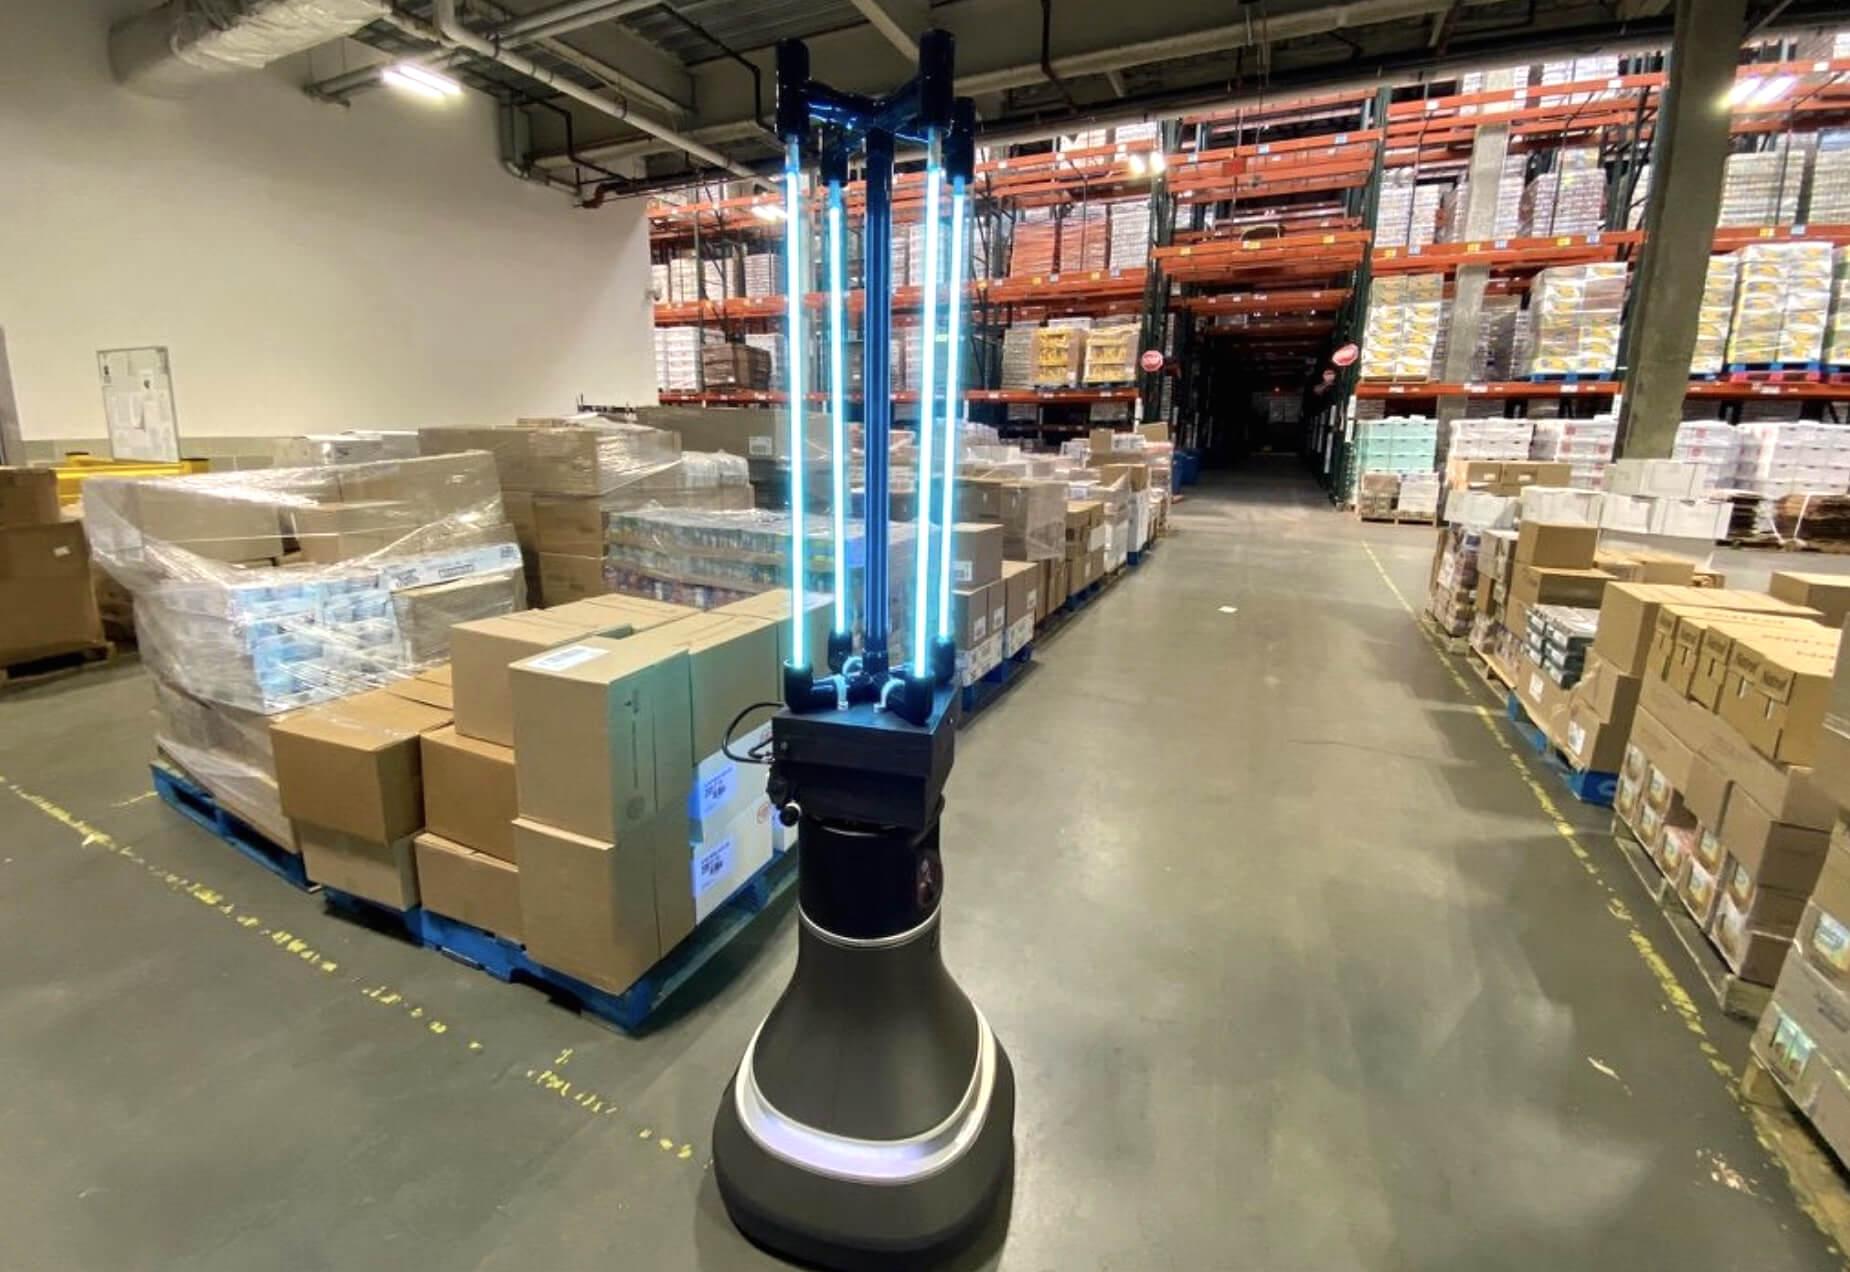 kas gali pagaminti prekybos robotą nuo ko pradėti uždirbti pinigus dvejetainiais opcionais